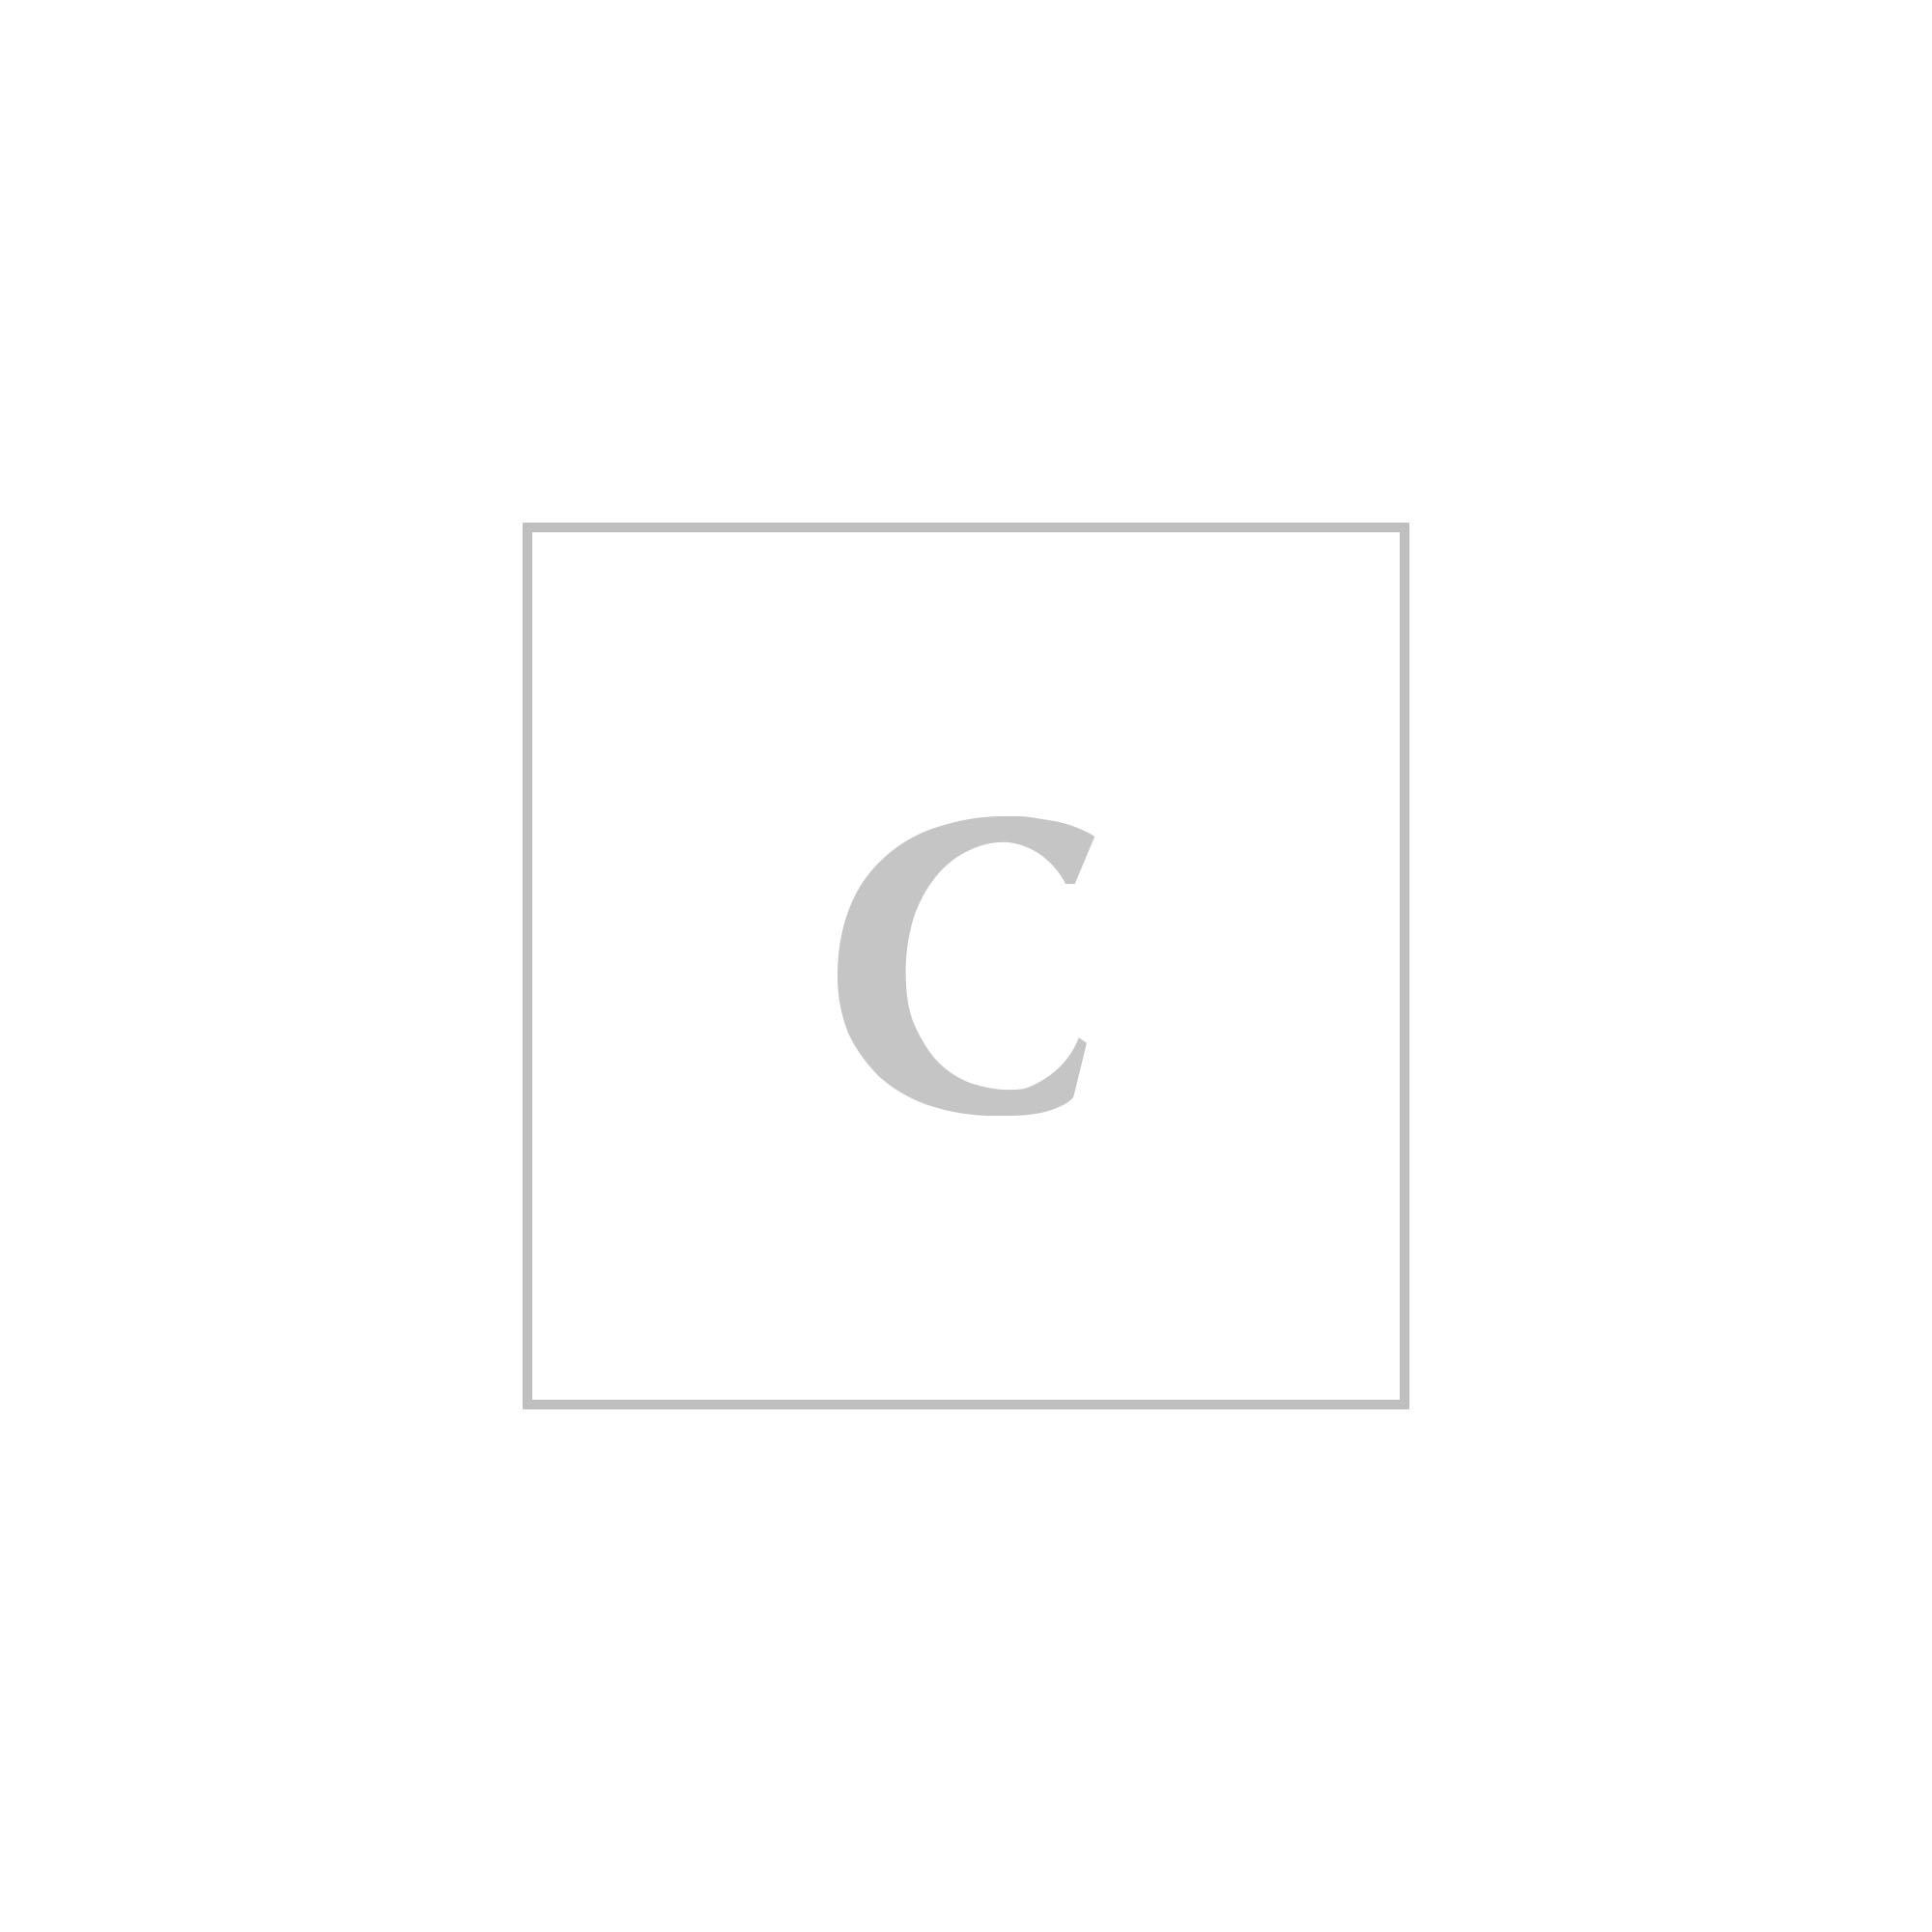 Saint laurent ysl pochette monogramme grain de poudre